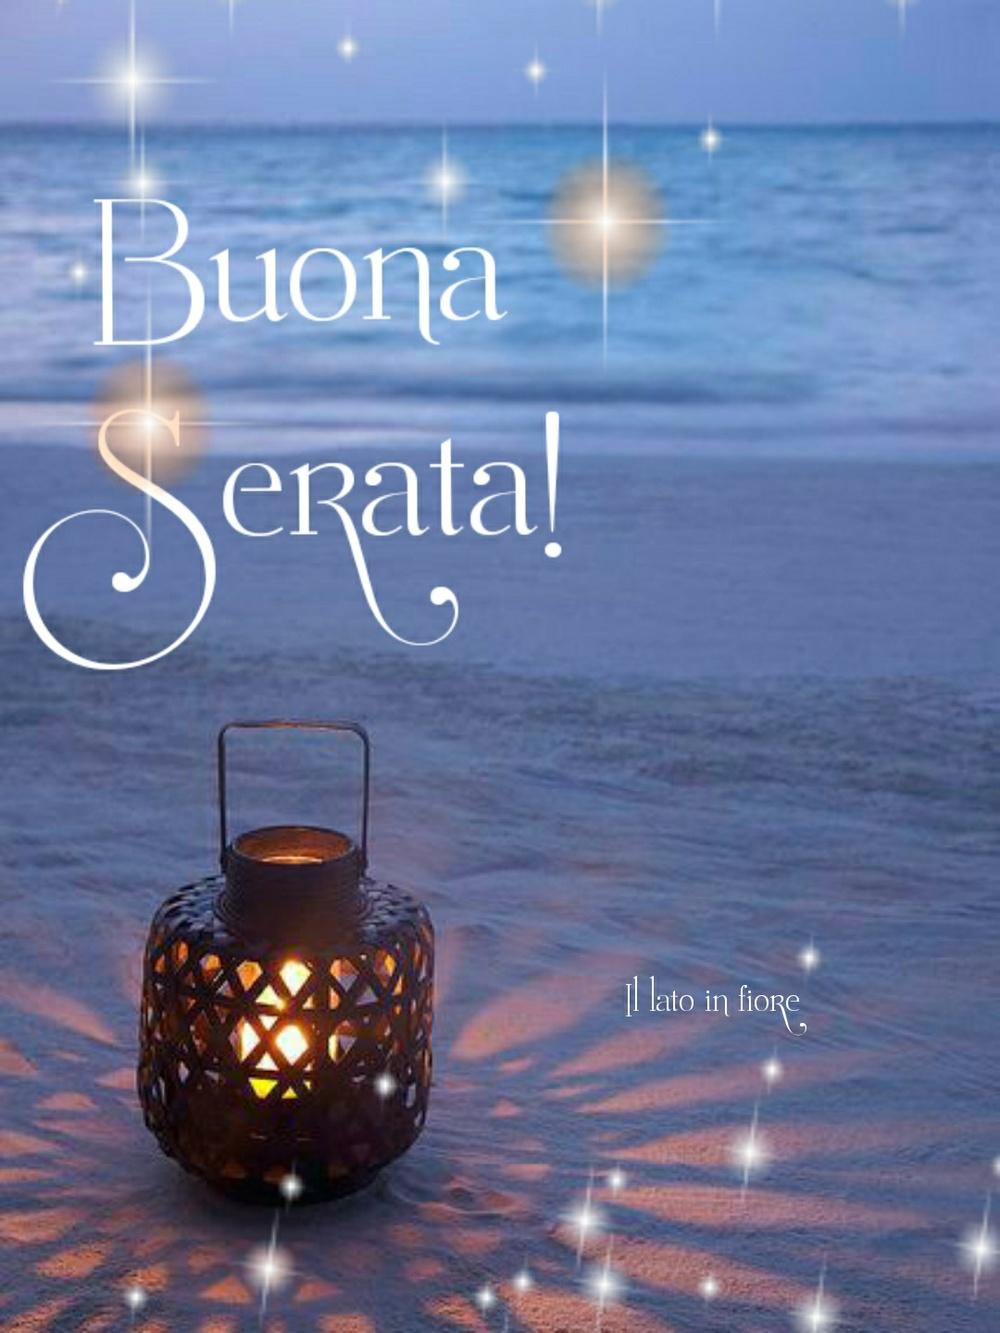 Buona Serata d'estate 4 - BuongiornissimoCaffe.it